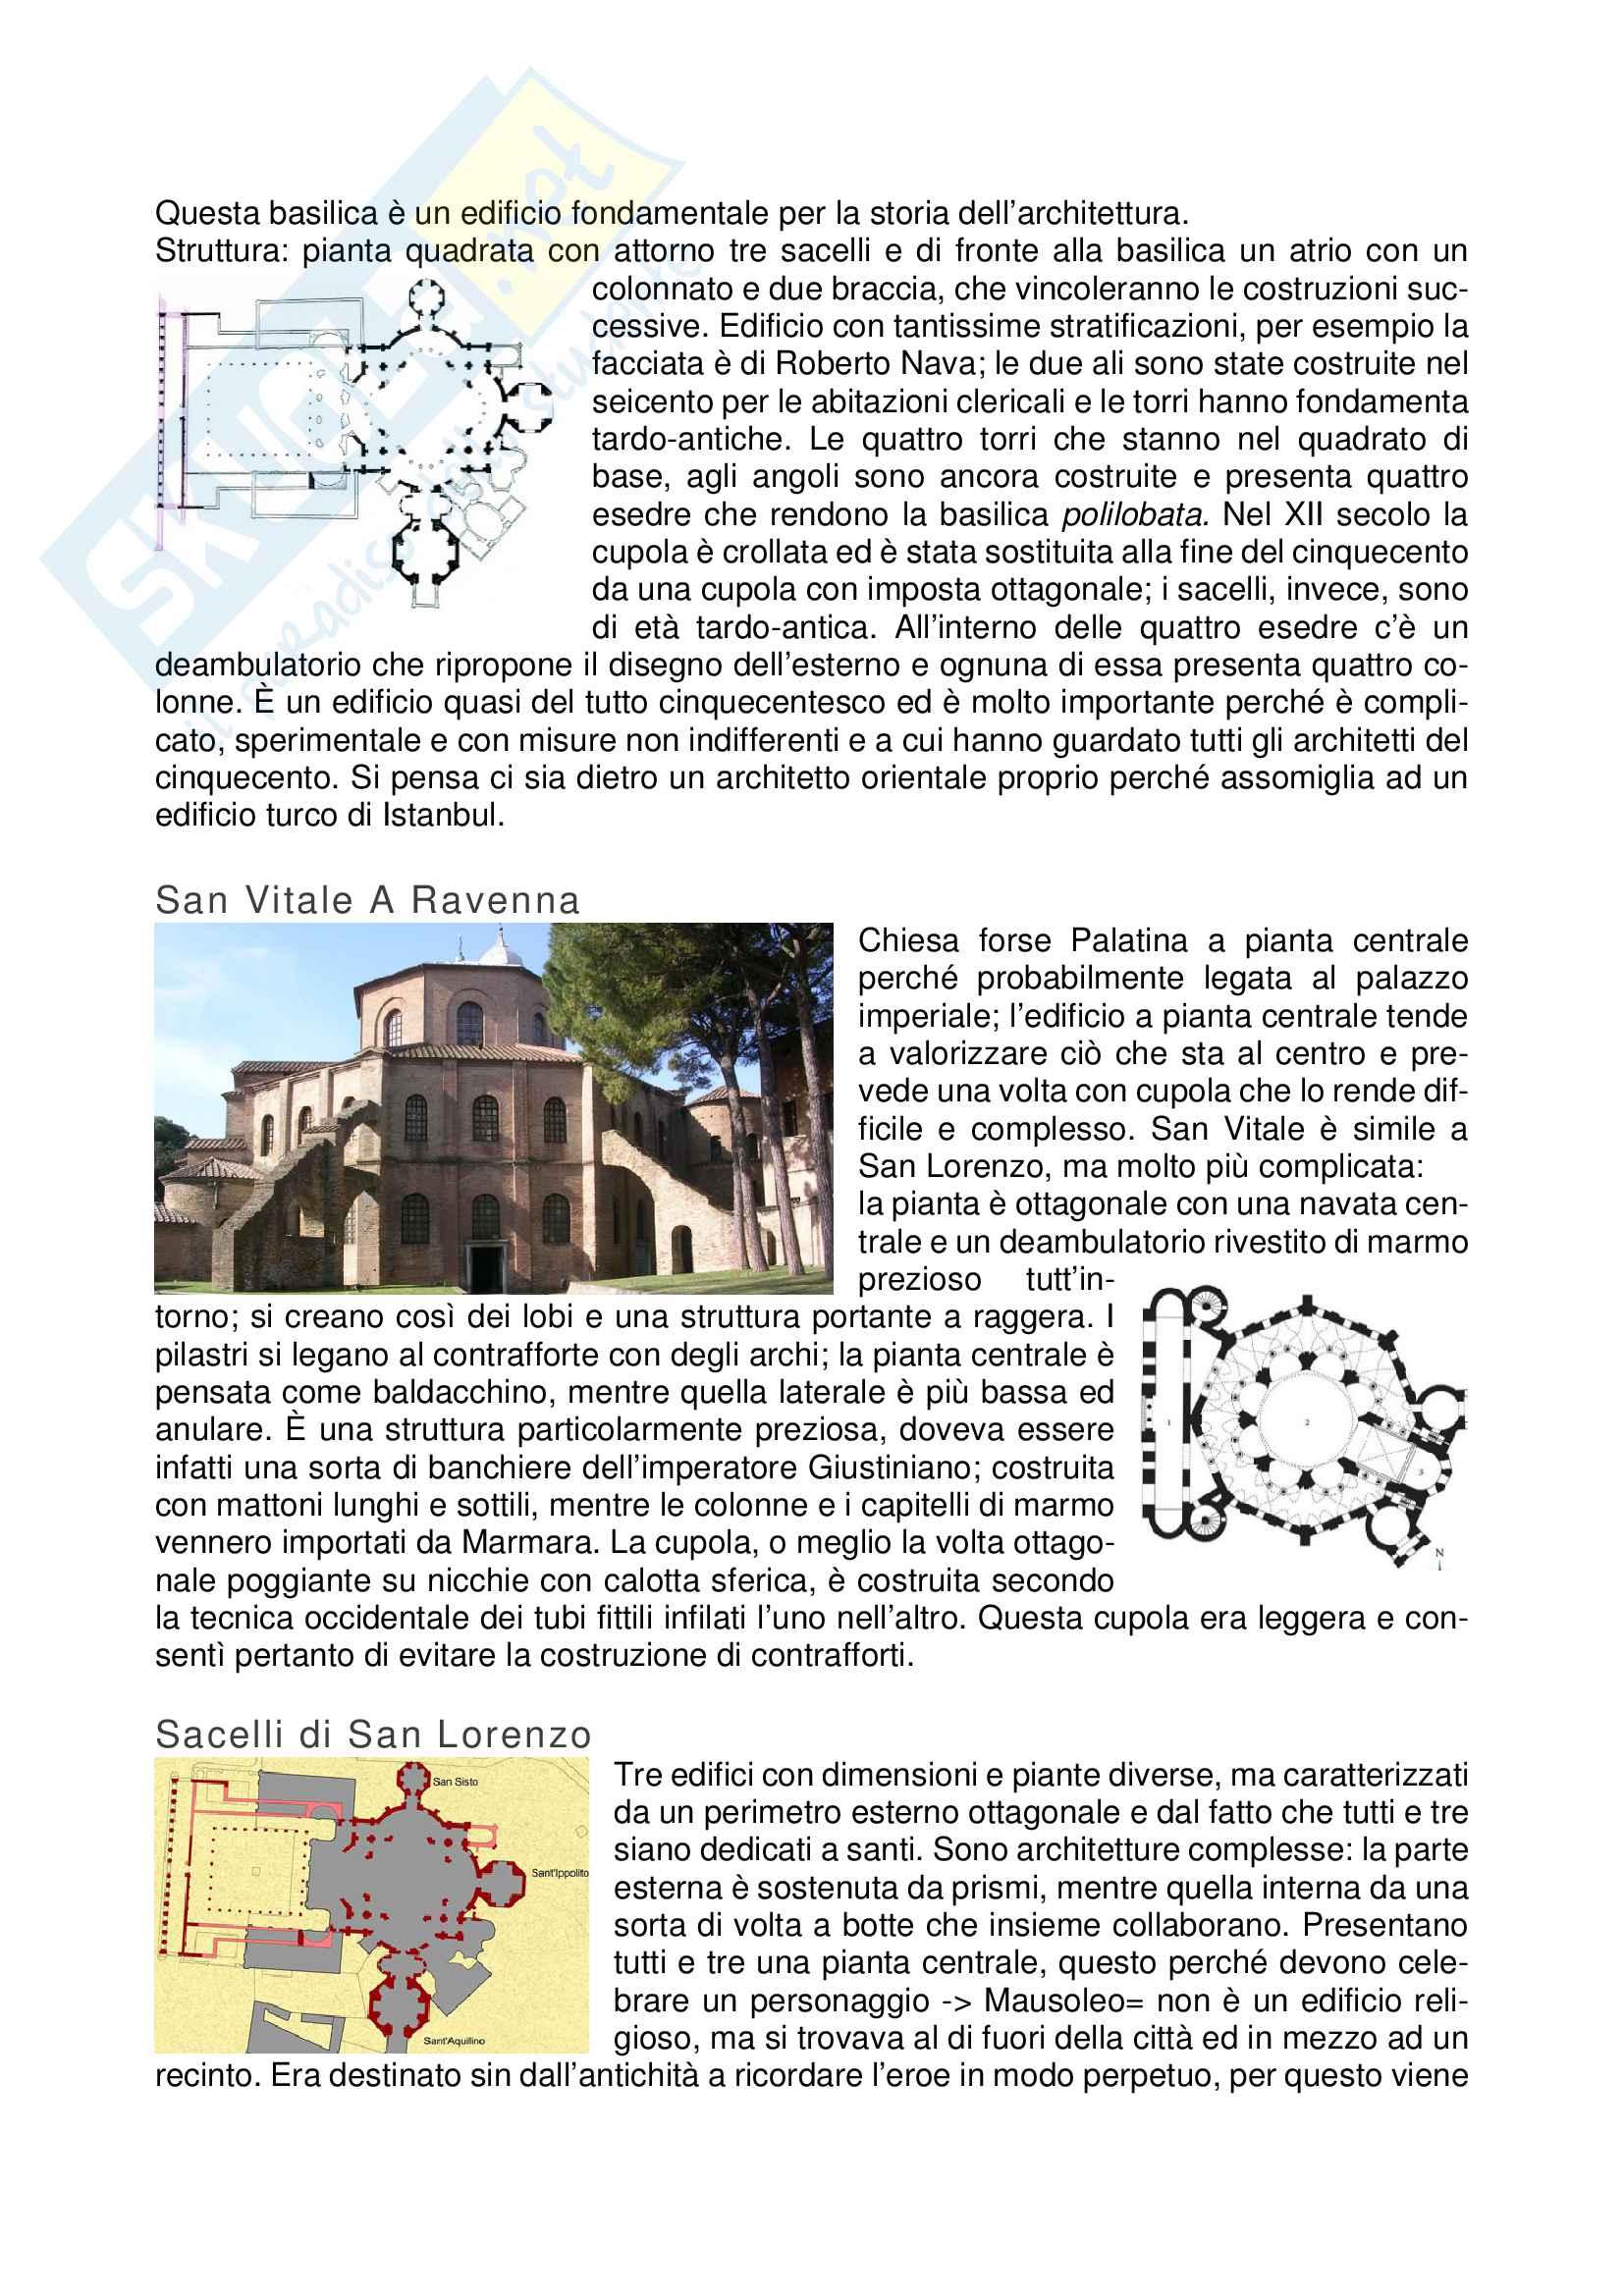 Storia dell'architettura 1 Pag. 31